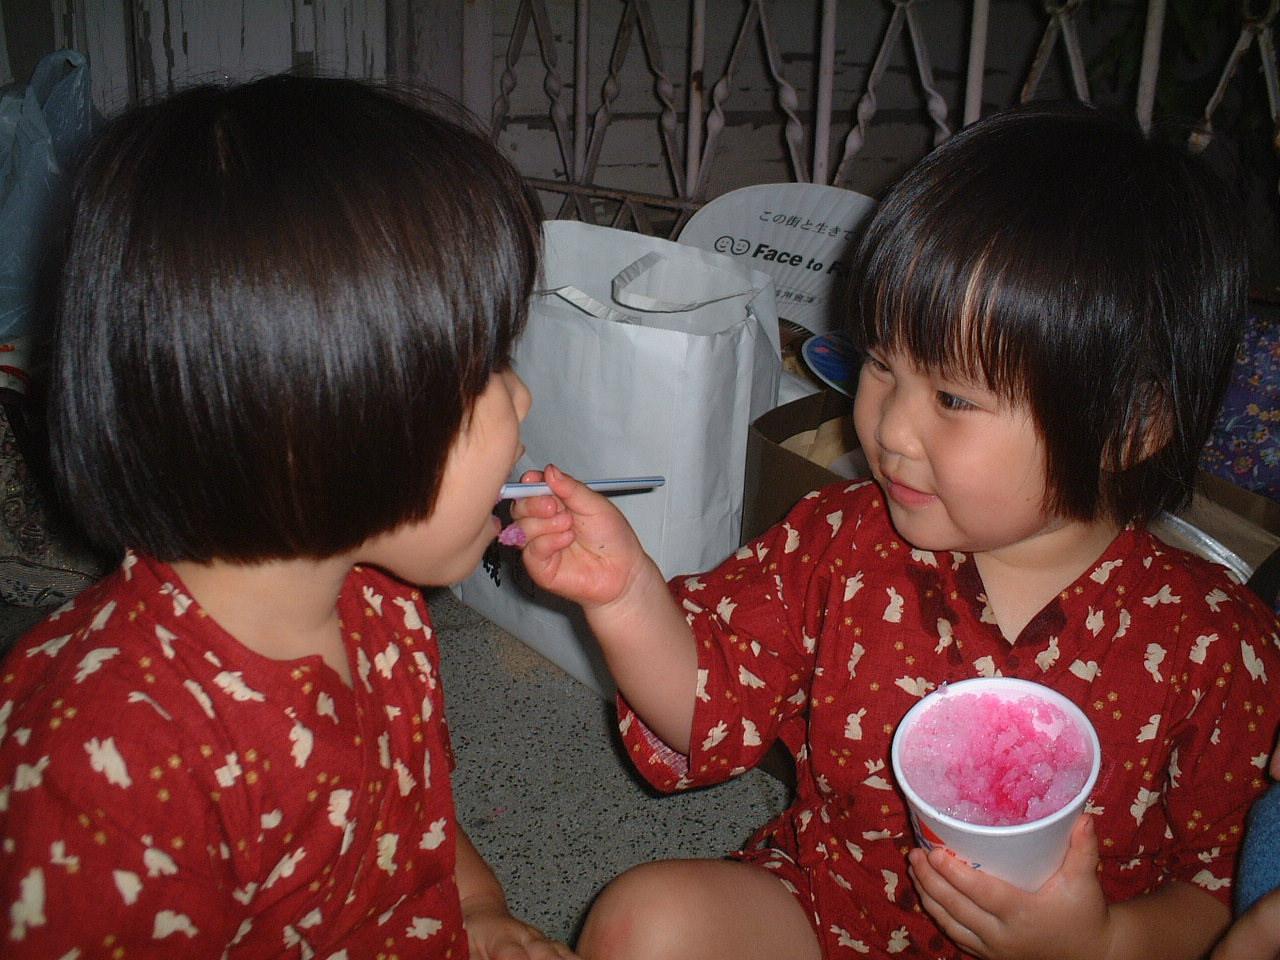 夏祭り カキ氷を食べさせあう微笑ましい二人・・・。 もうすぐ三歳でっす。